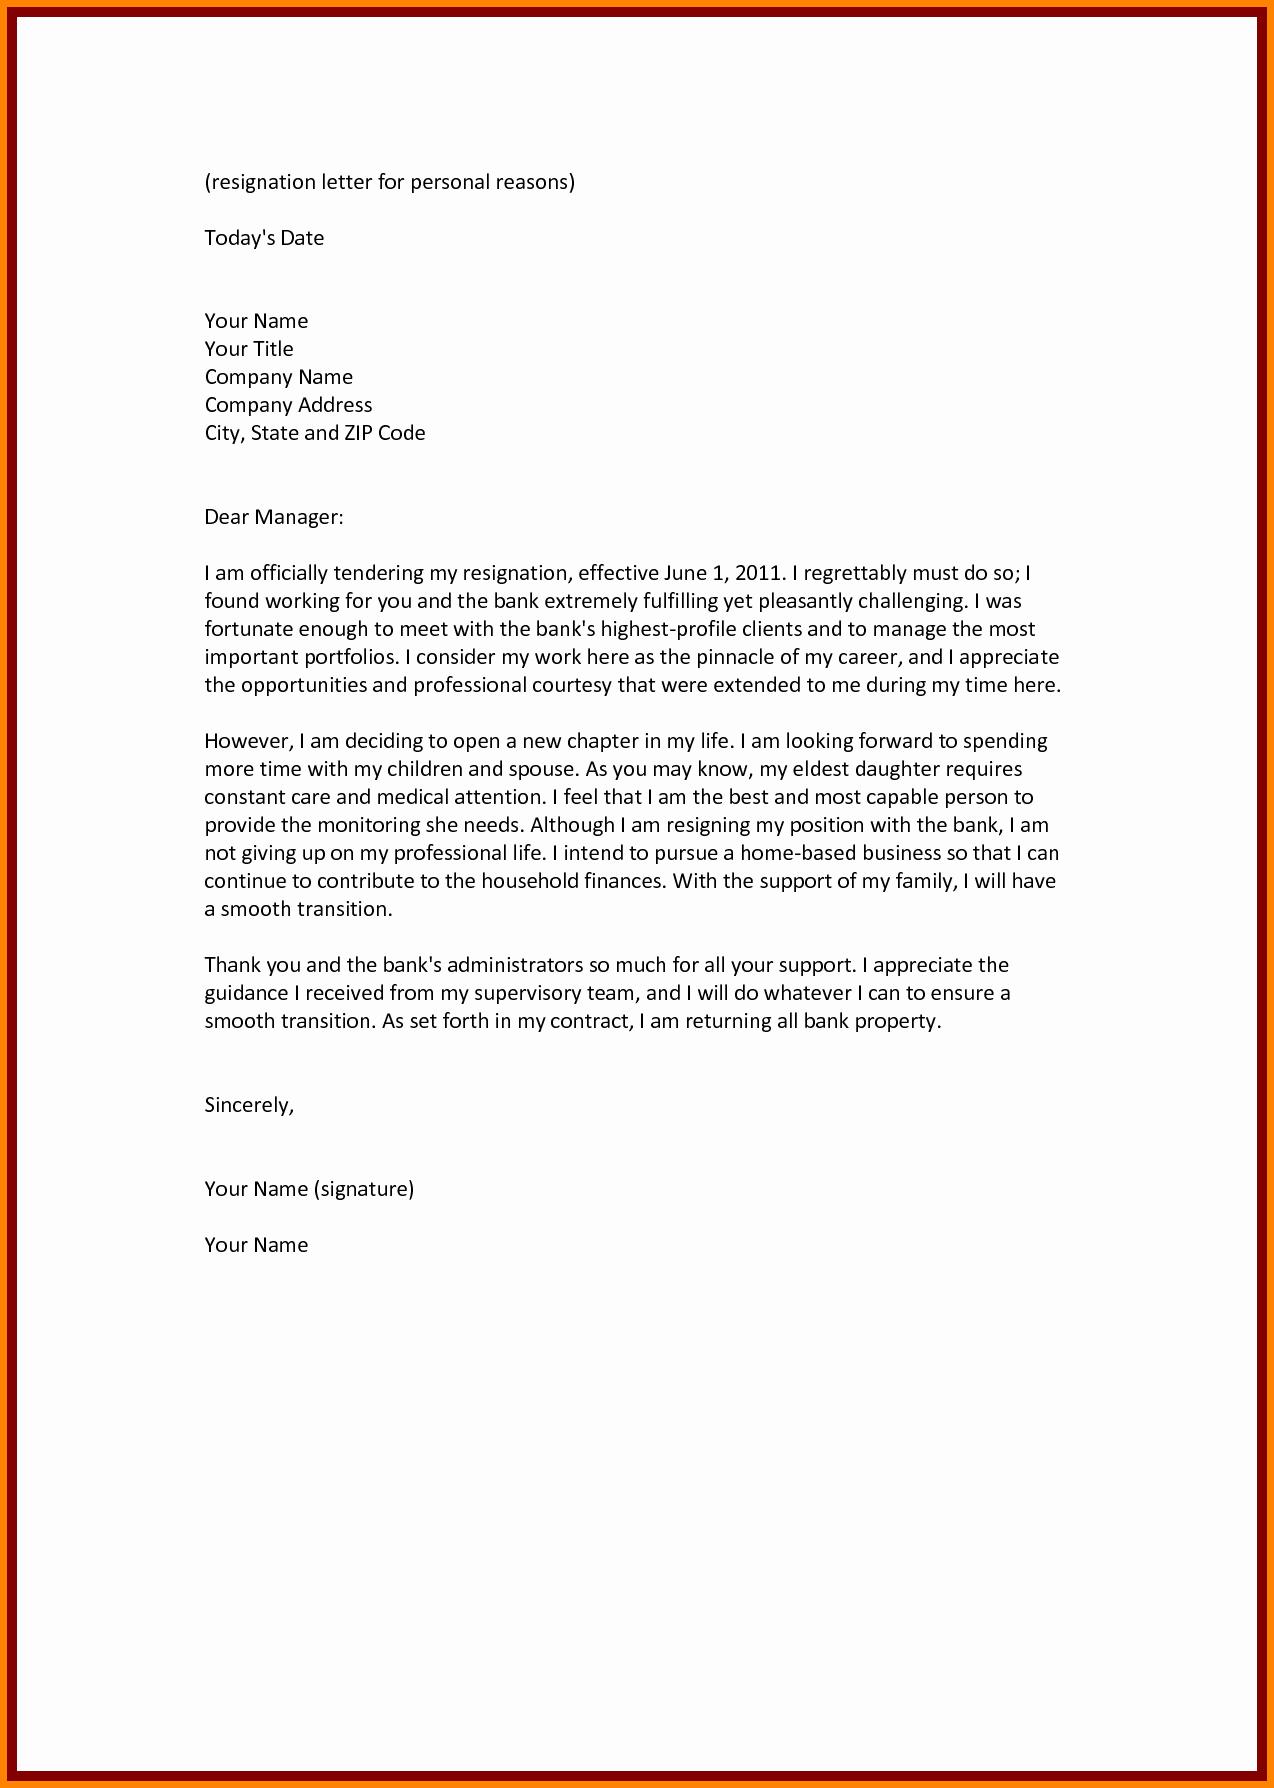 Resignation Letter Effective Immediately Beautiful 7 Effective Immediately Resignation Letter Sample